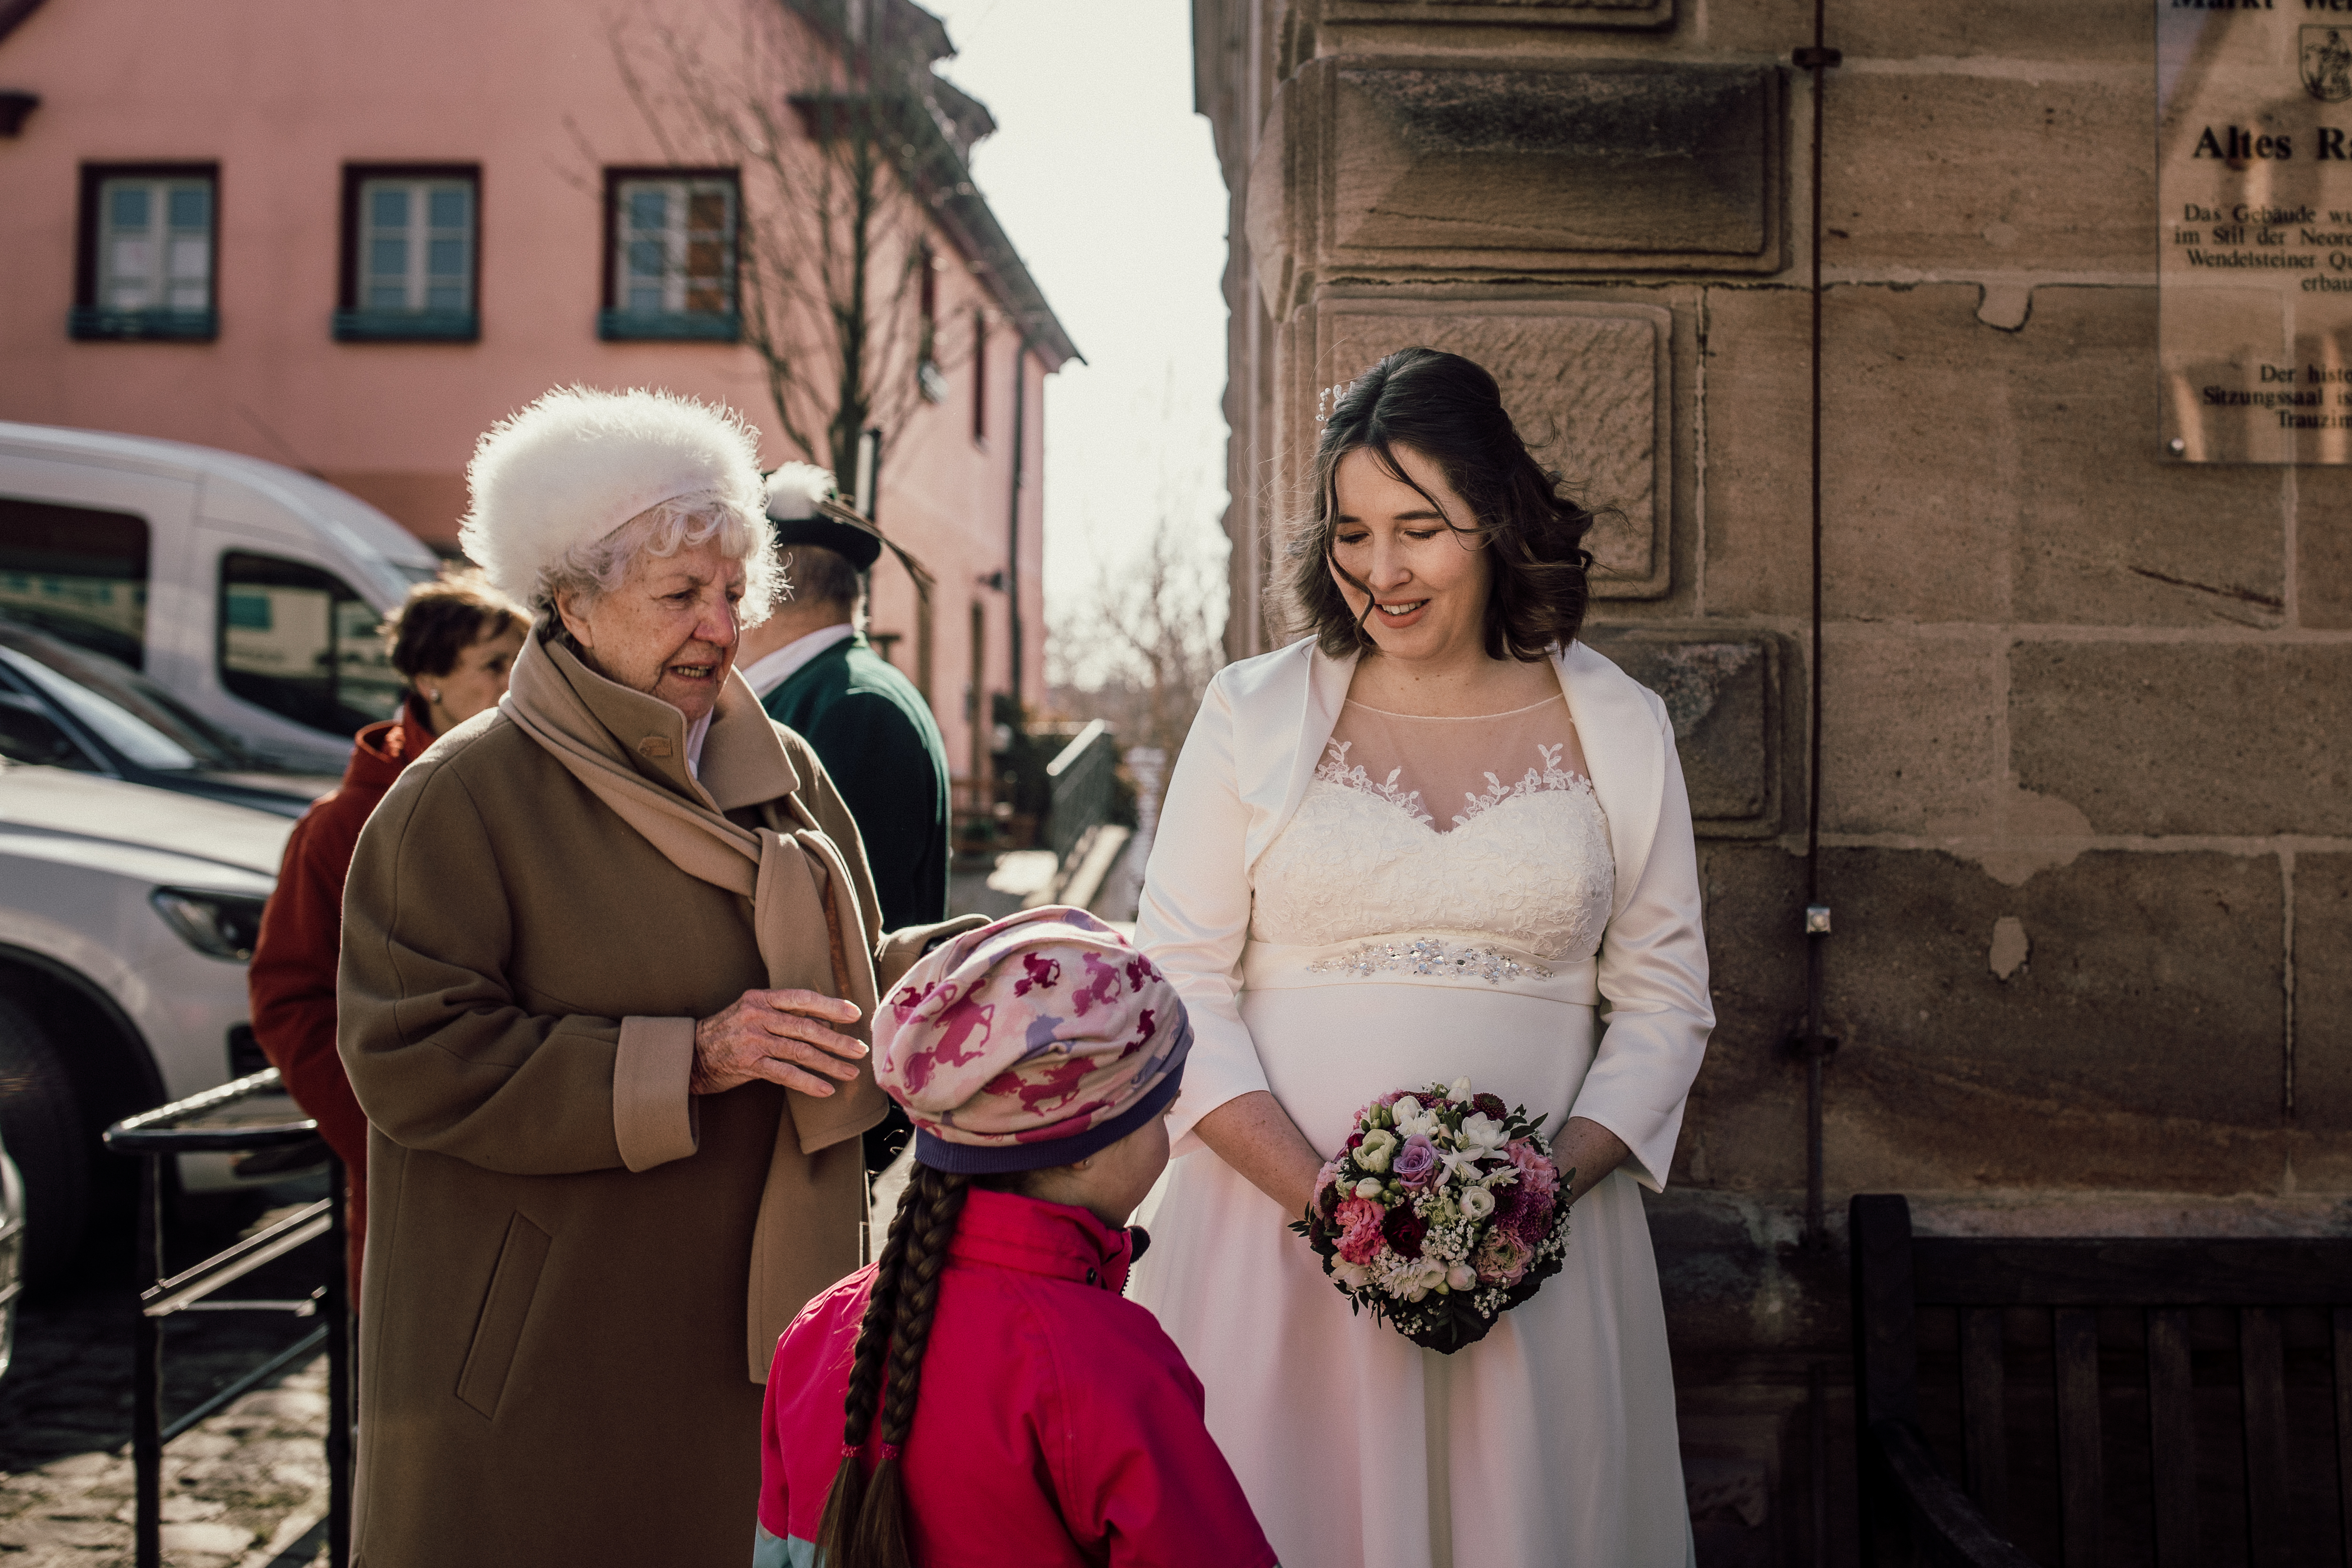 URBANERIE_Daniela_Goth_Hochzeitsfotografin_Nürnberg_Fürth_Erlangen_Schwabach_180223_0178